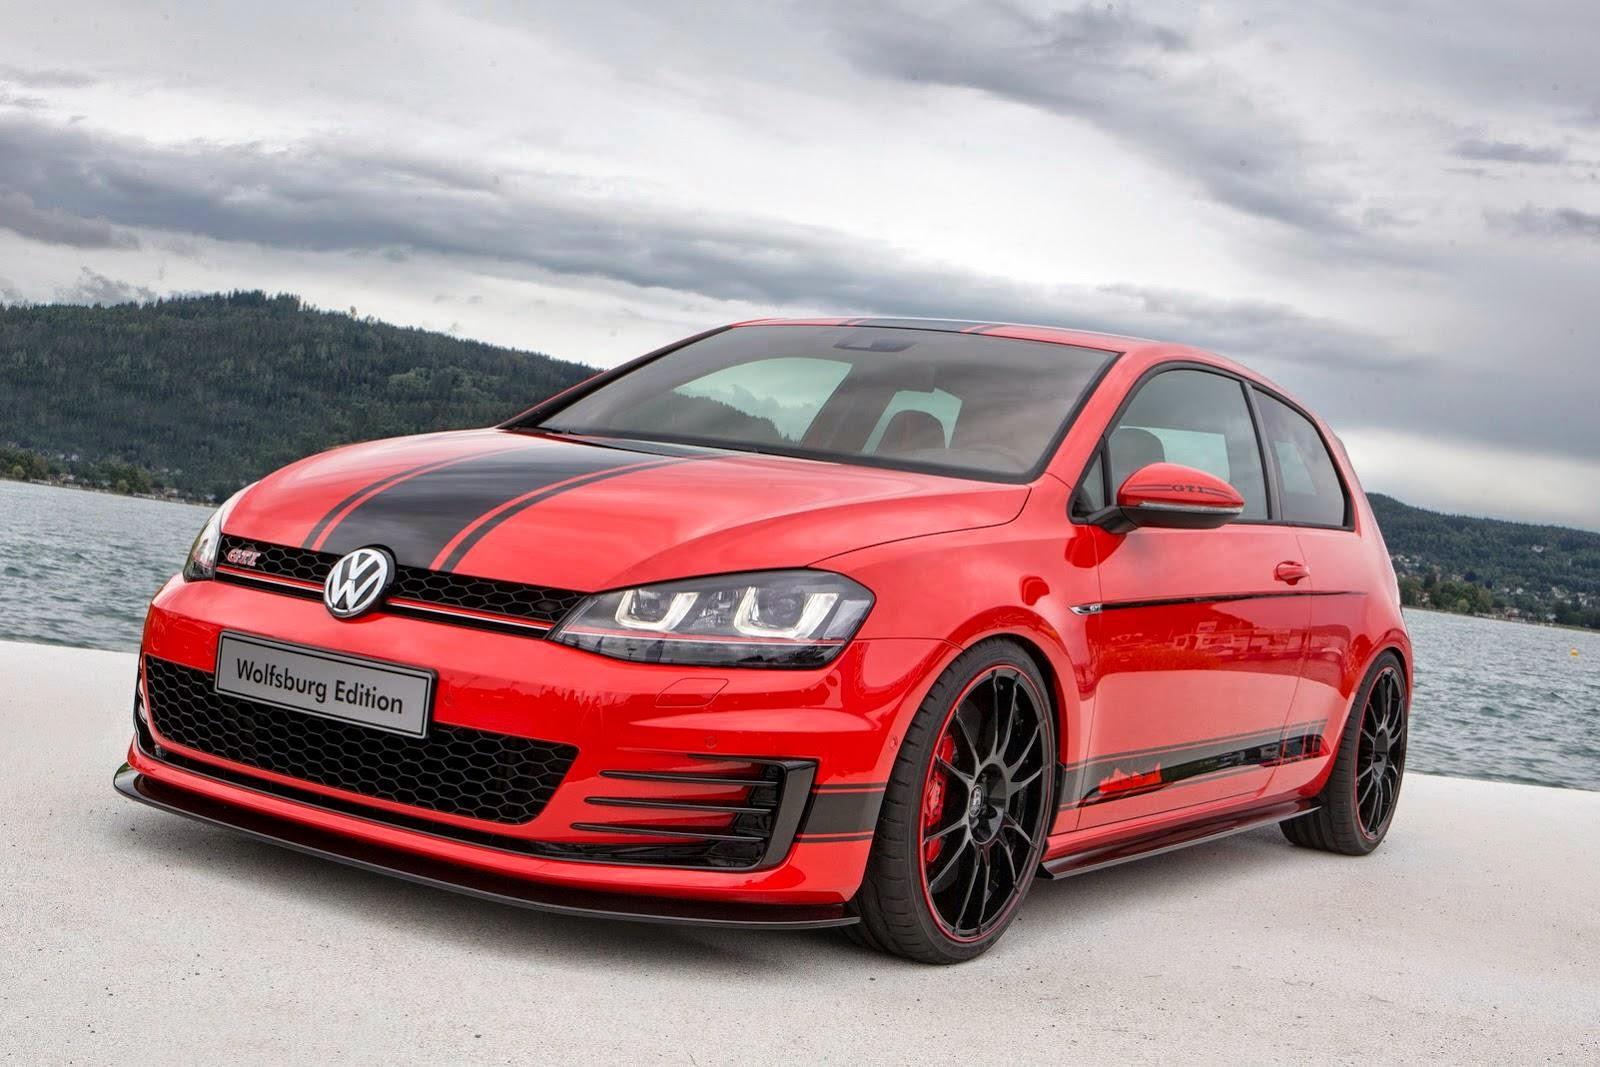 [Resim: Volkswagen+Golf+GTI+Wolfsburg+Edition+1.jpg]